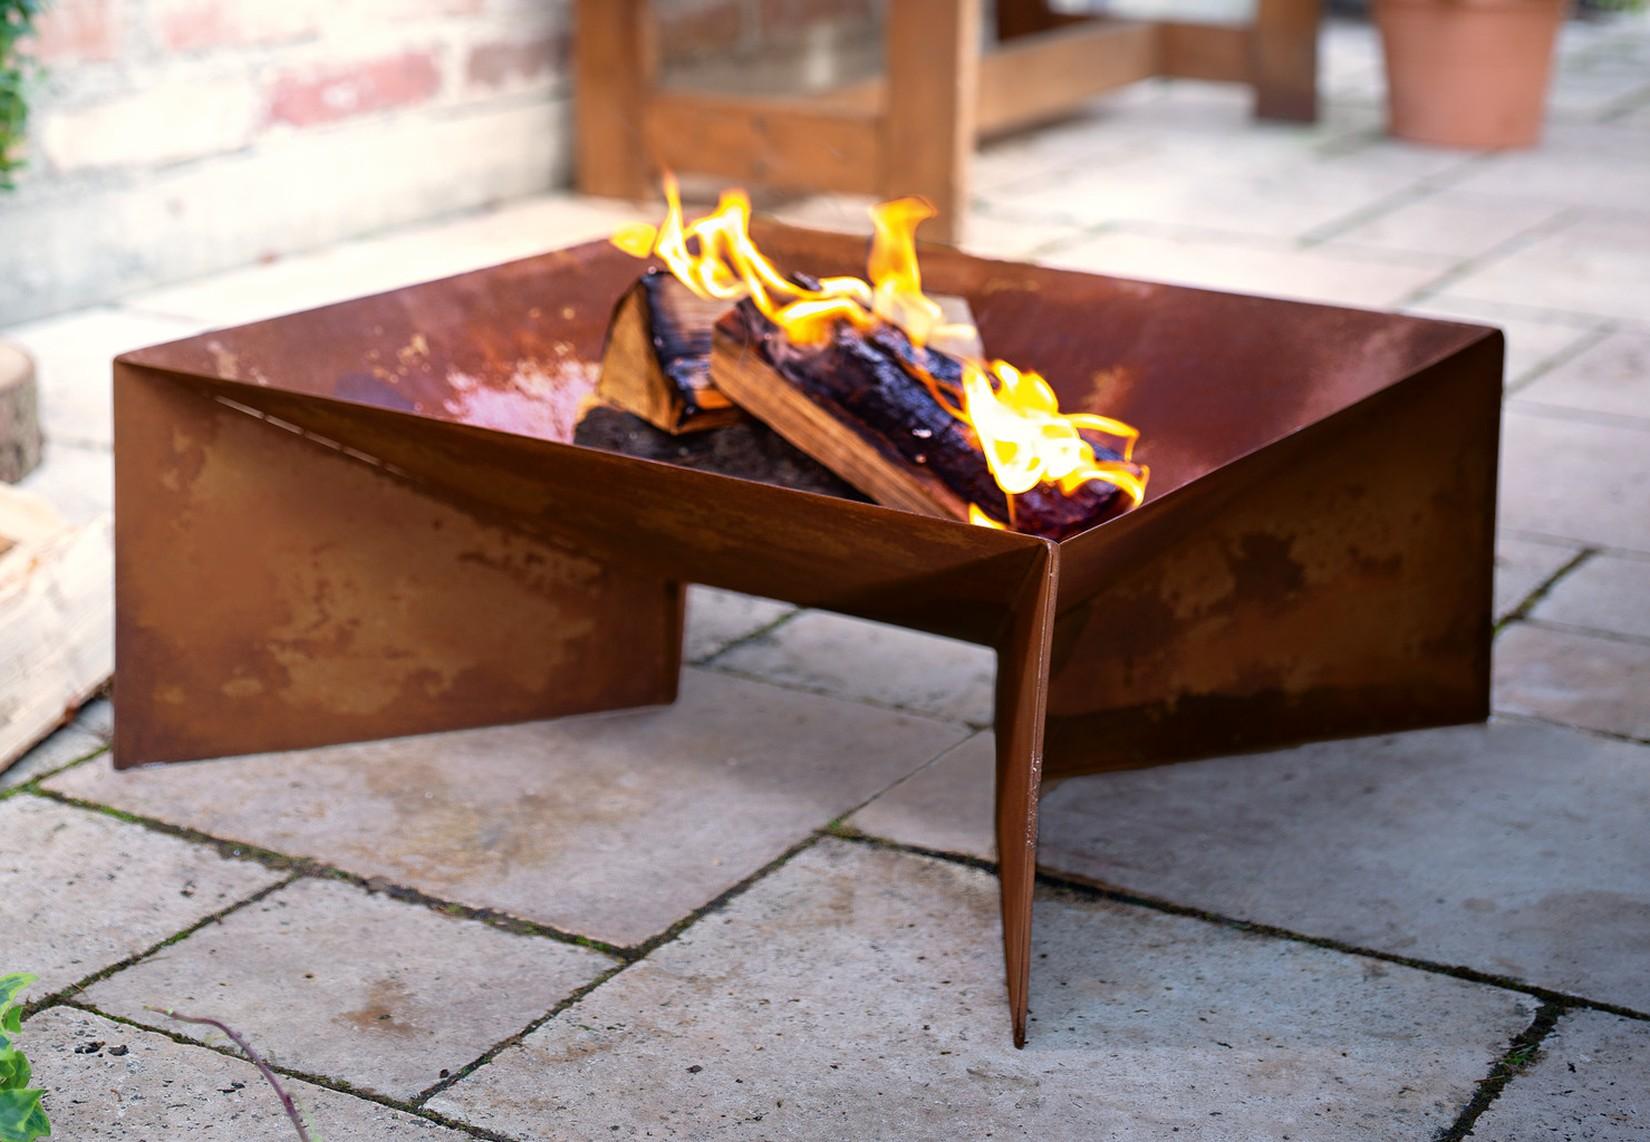 Metall Feuerschale Im Rost Design Garten Grill Terrasse Kamin Lager Feuer Stelle Ebay